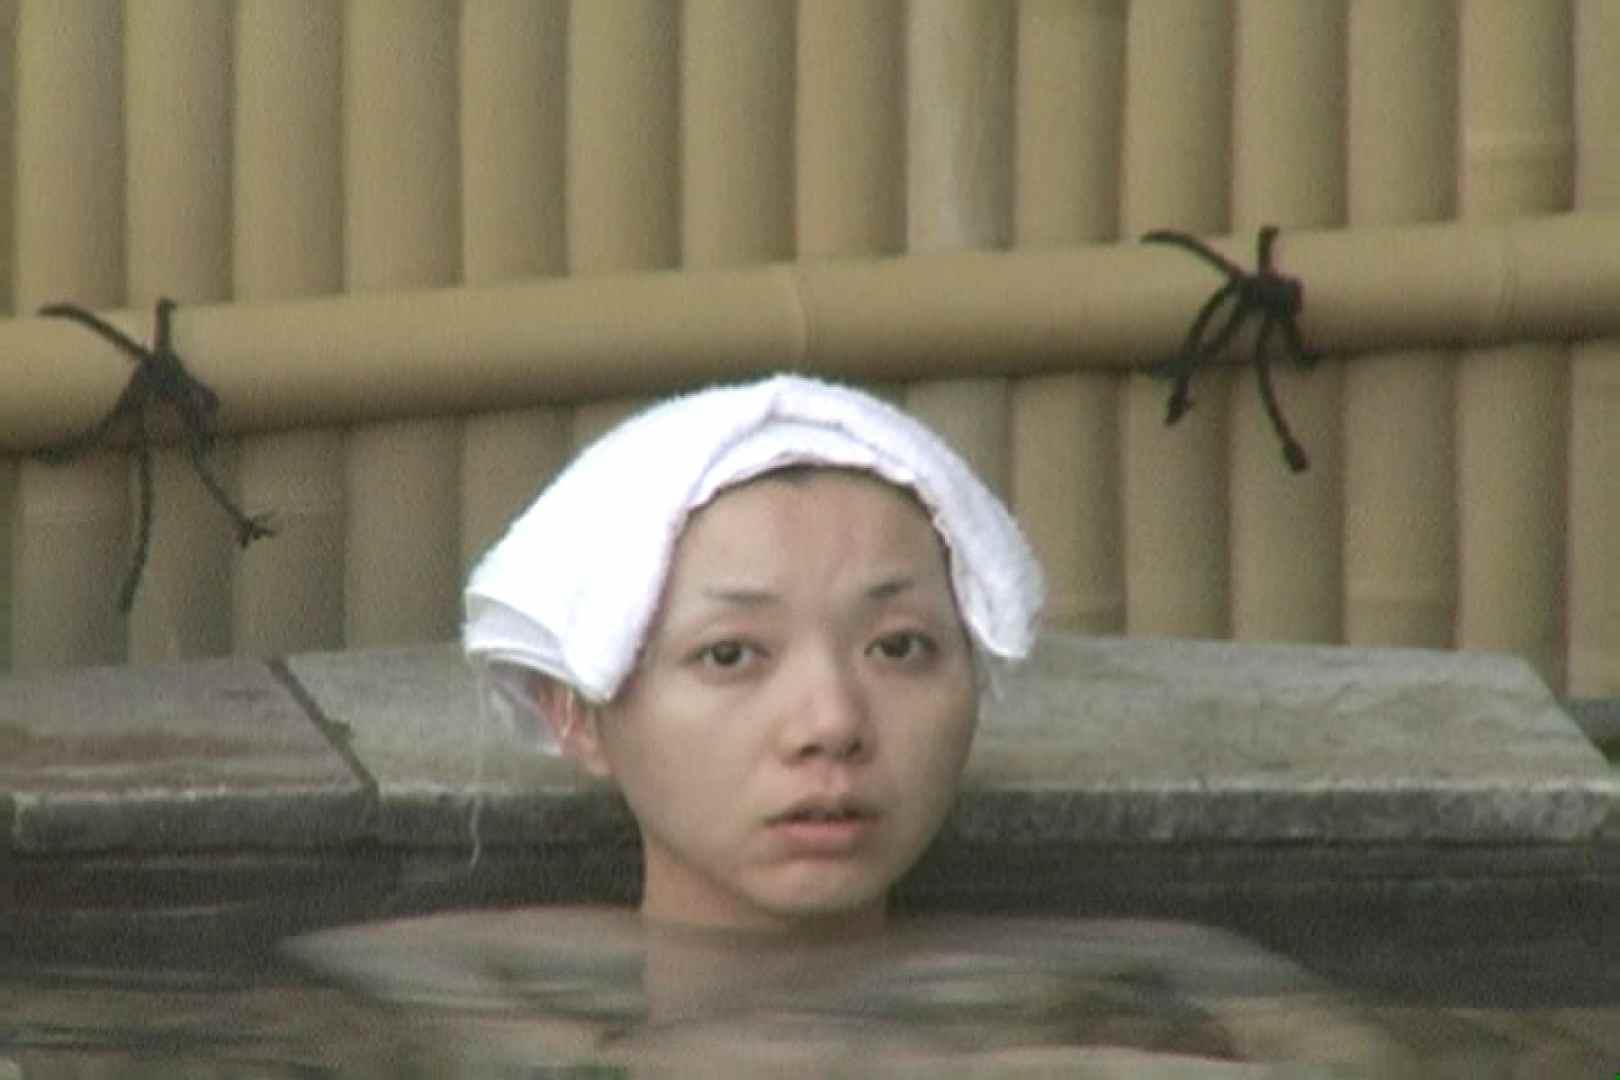 Aquaな露天風呂Vol.630 OLエロ画像  110PICs 45